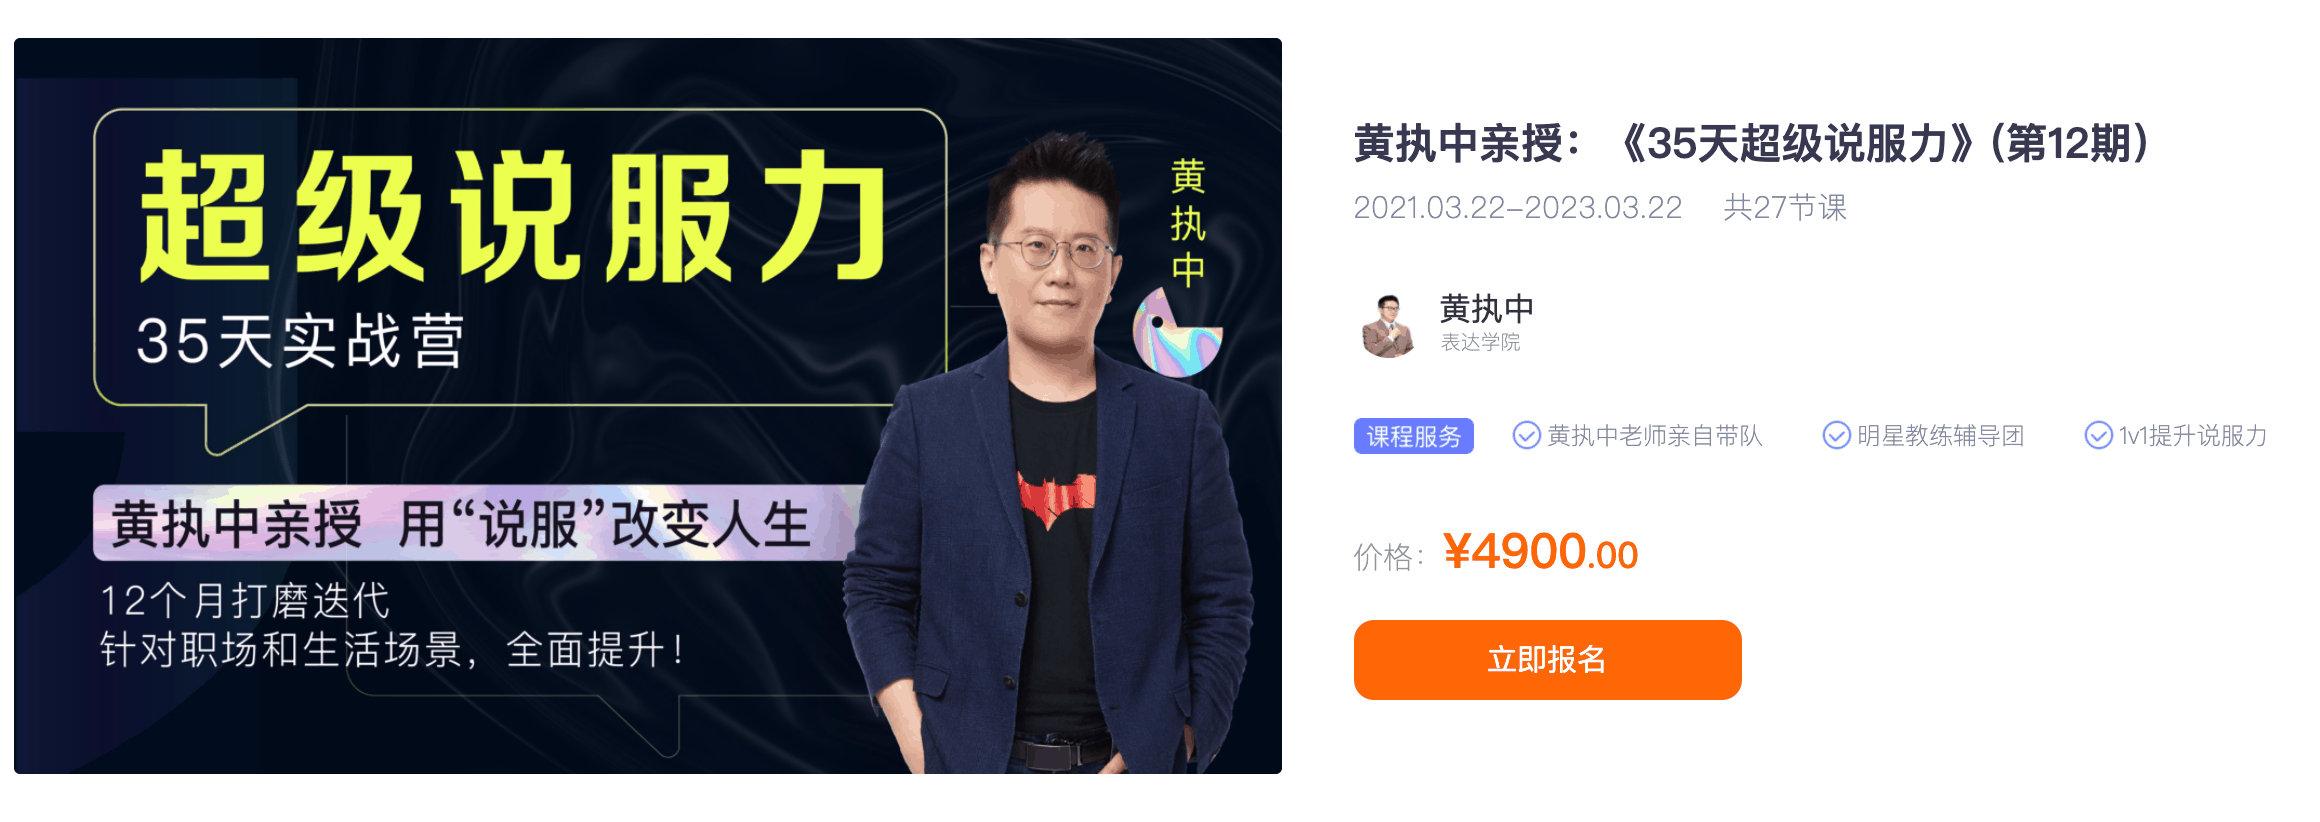 黄执中亲授:35天超级说服力「原价10000+」